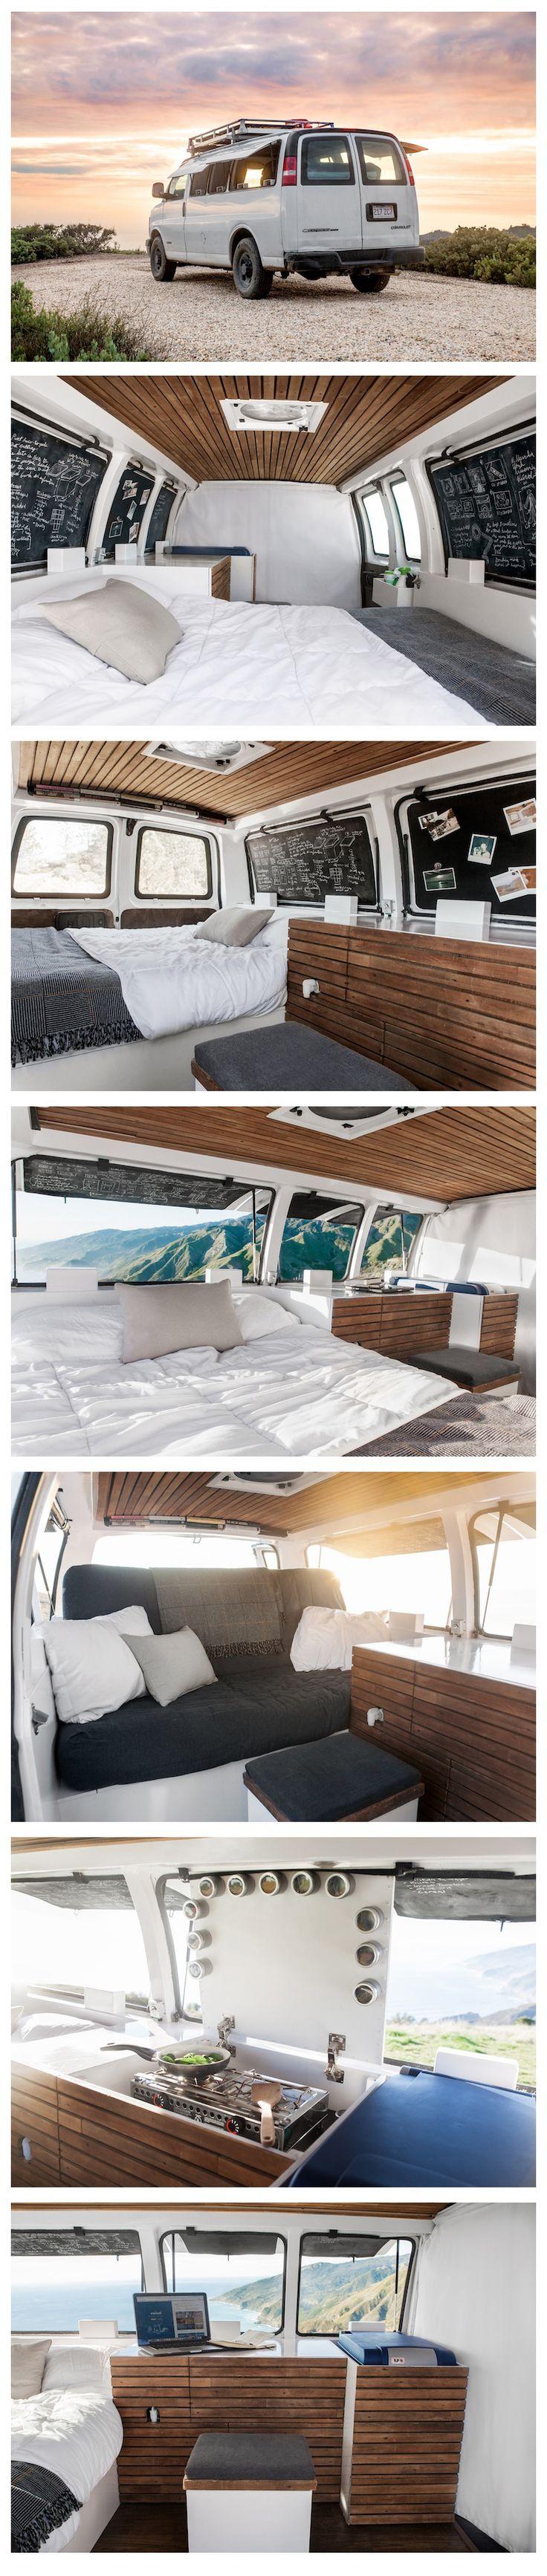 192 besten camper Bilder auf Pinterest | Wohnmobil, Wohnmobile und ...